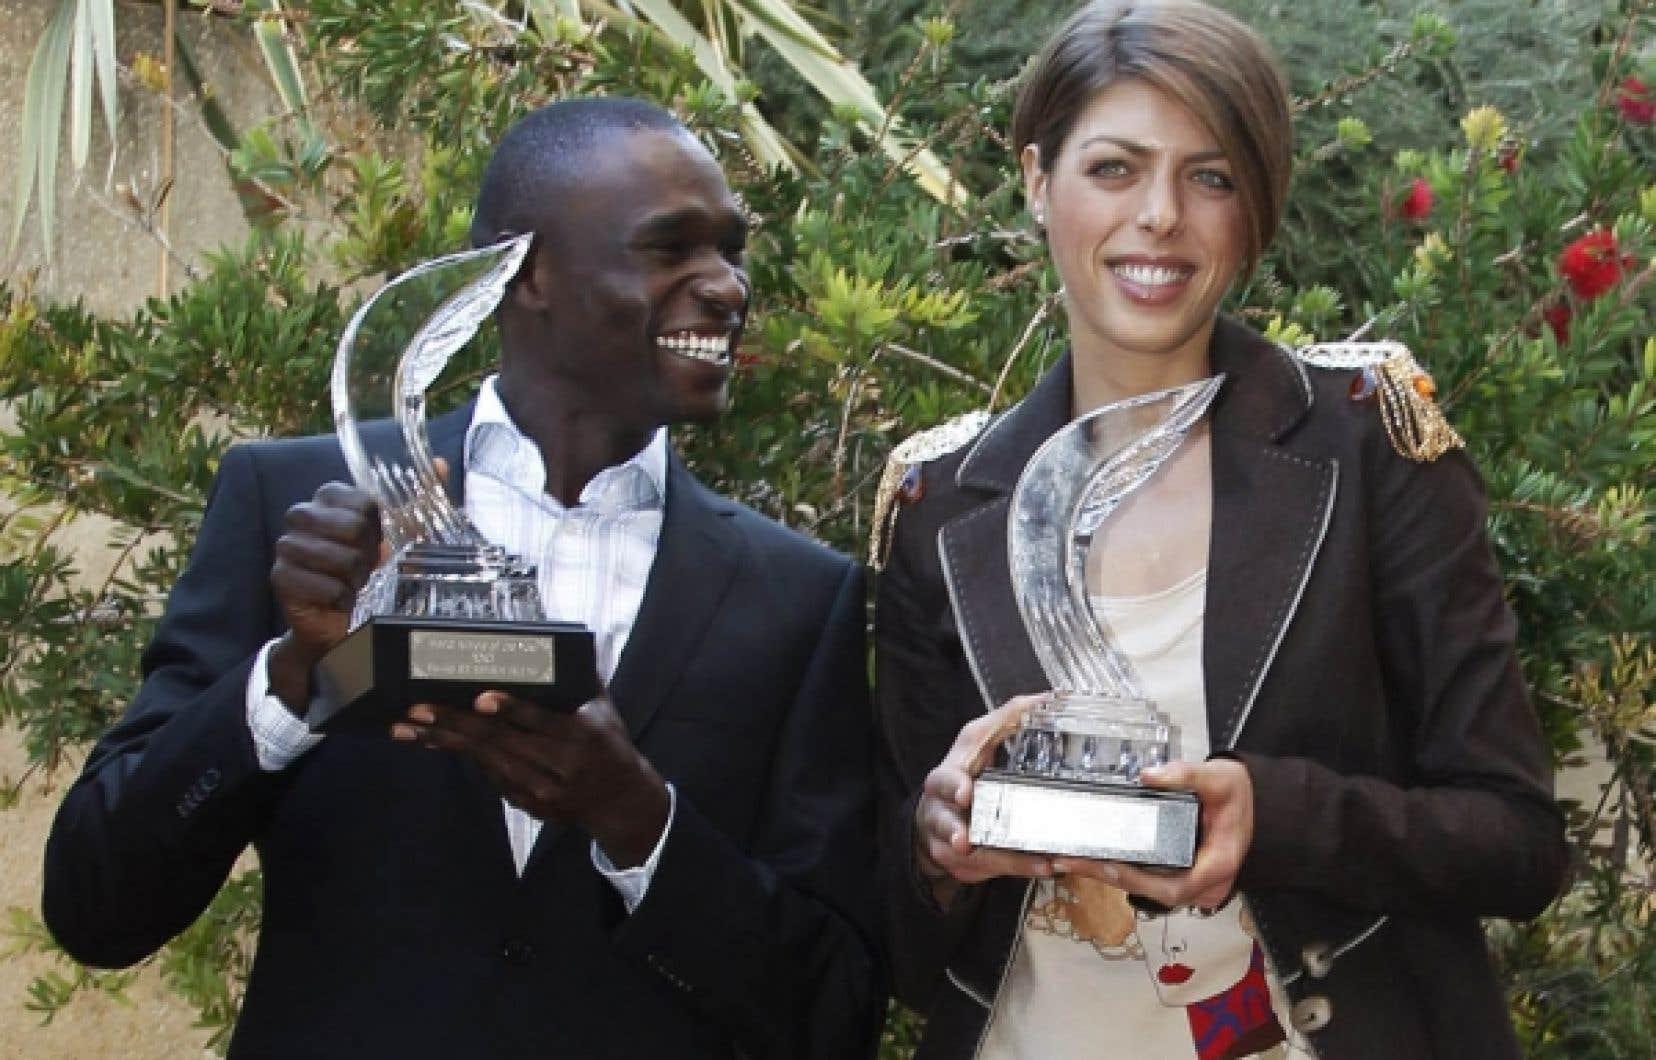 Le coureur de demi-fond kenyan David Rudisha et la sauteuse en hauteur croate Blanka Vlasic ont été sacrés hier athlètes de l'année par la Fédération internationale (IAAF).